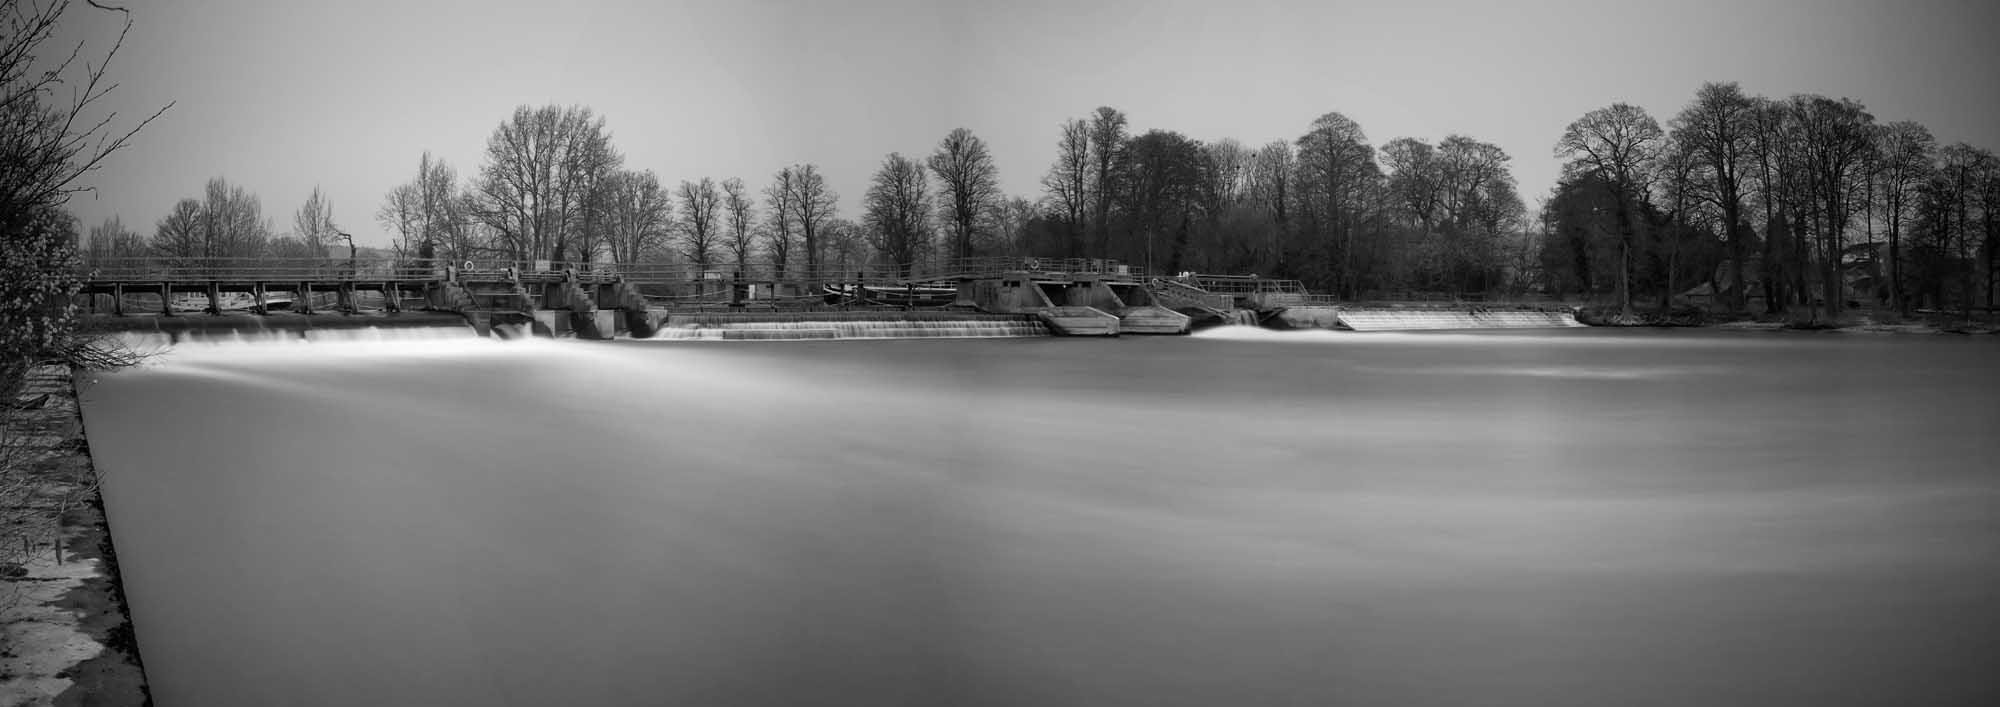 Purley Weir (1).jpg